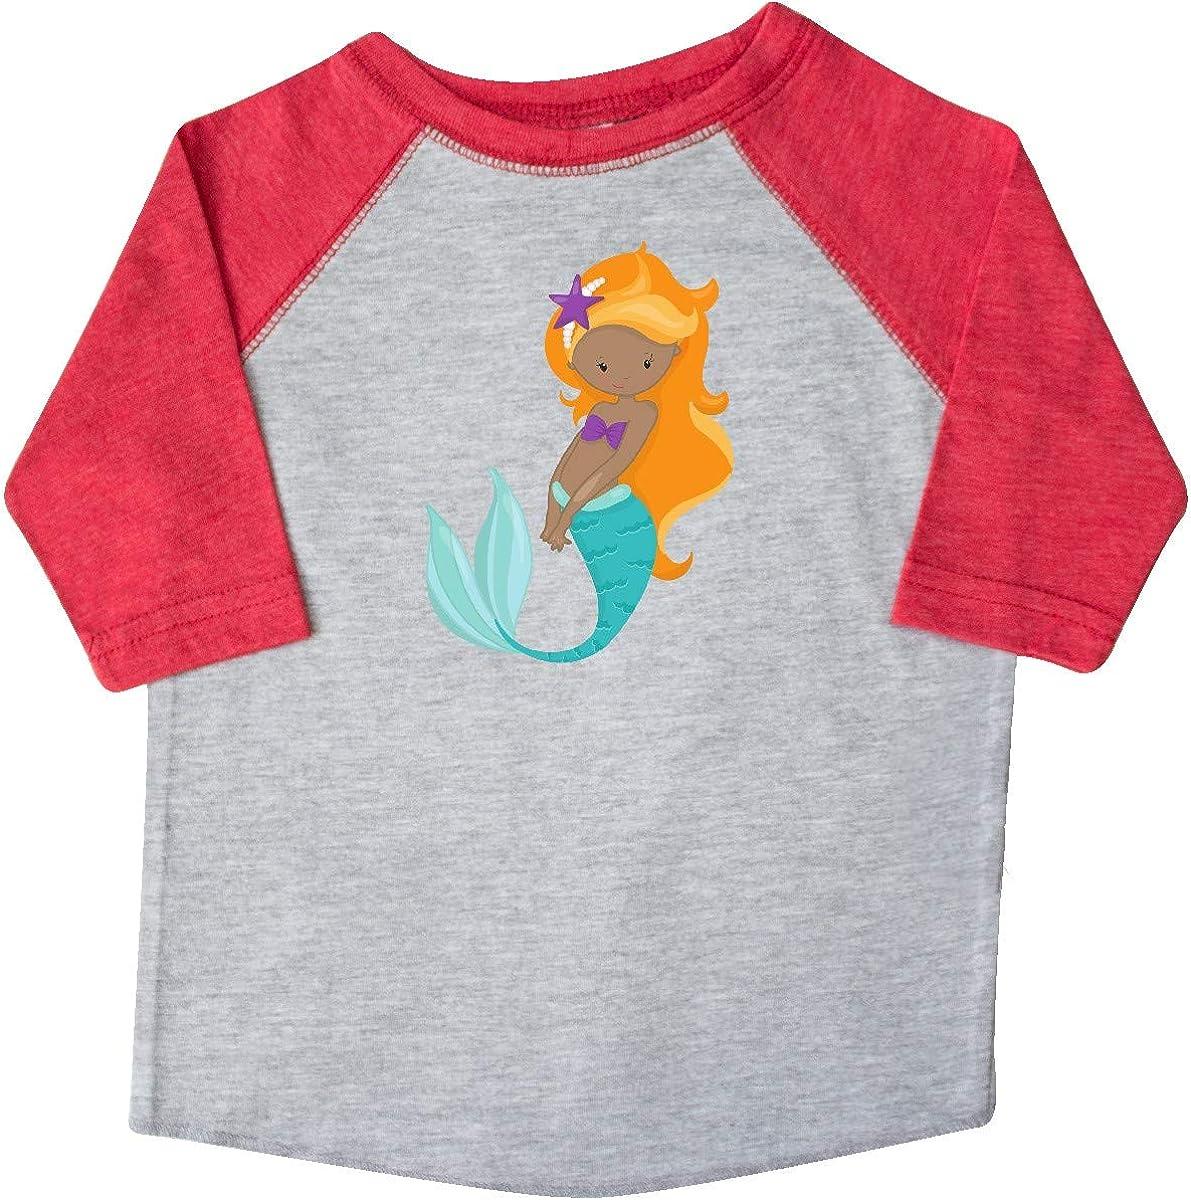 Sea Star Toddler T-Shirt Orange Hair inktastic African American Mermaid